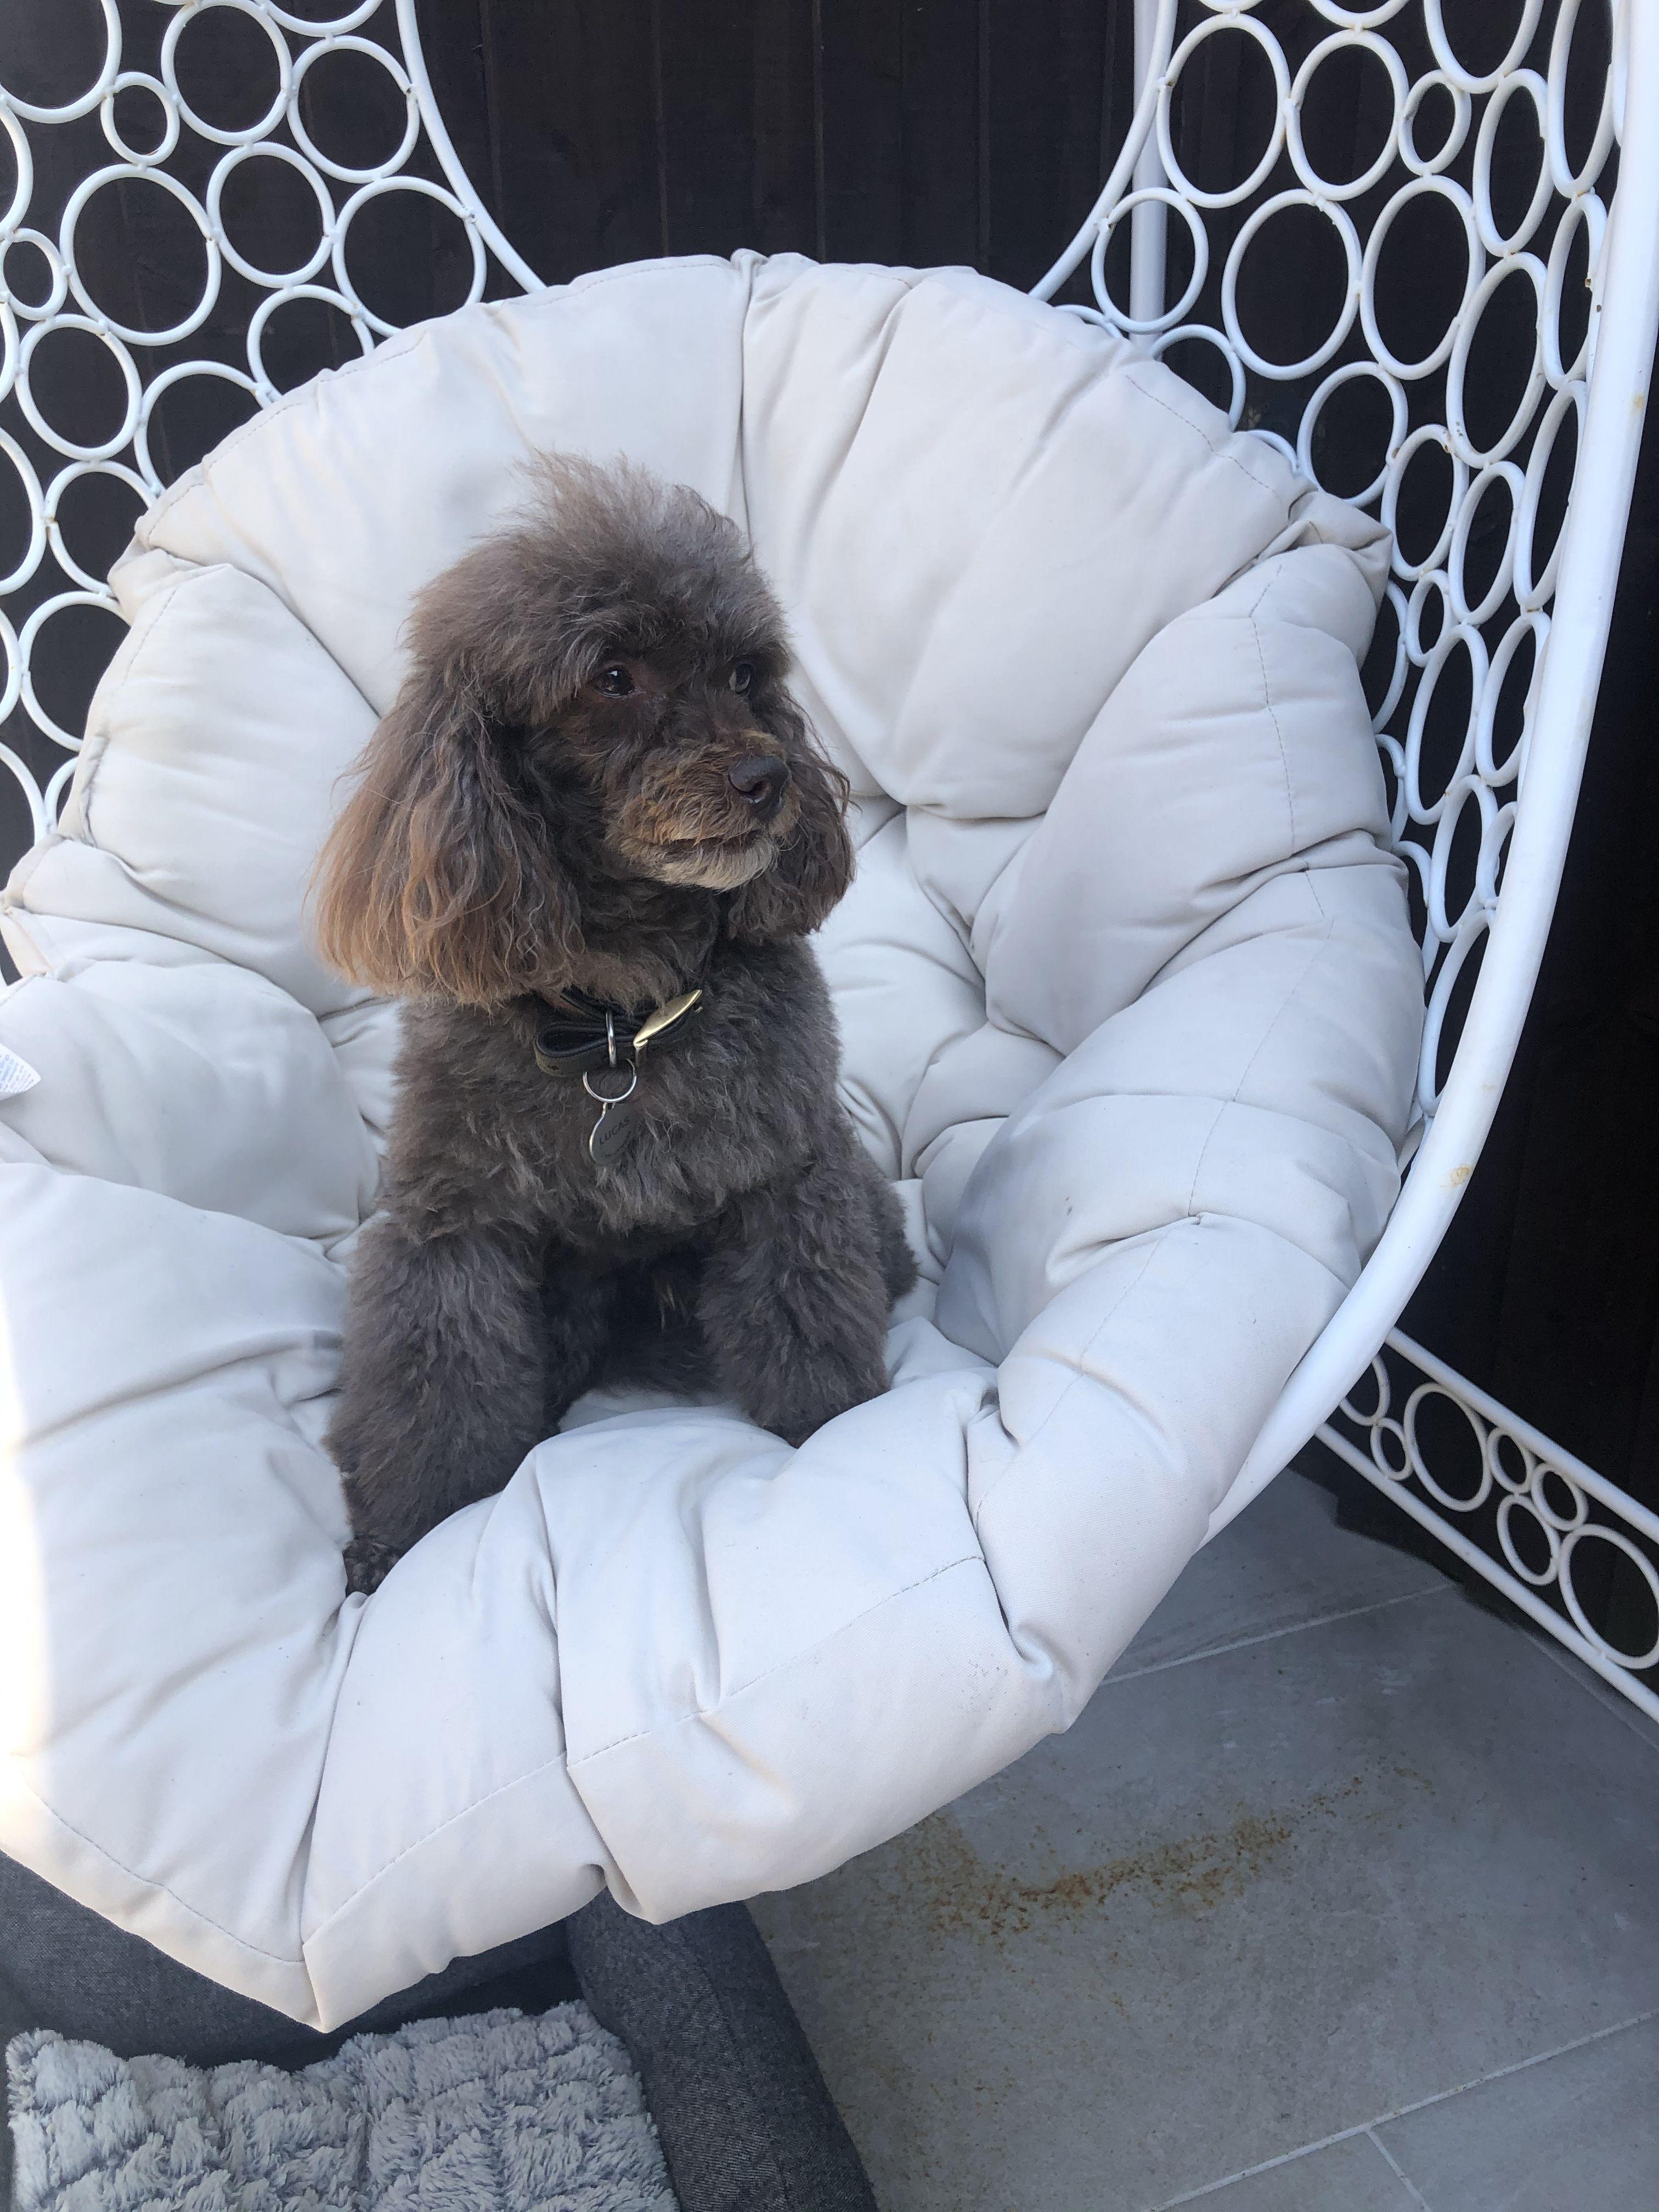 #toypoodle #poodle #poodlelife #poodles #chocolatepoodle #poodlelove